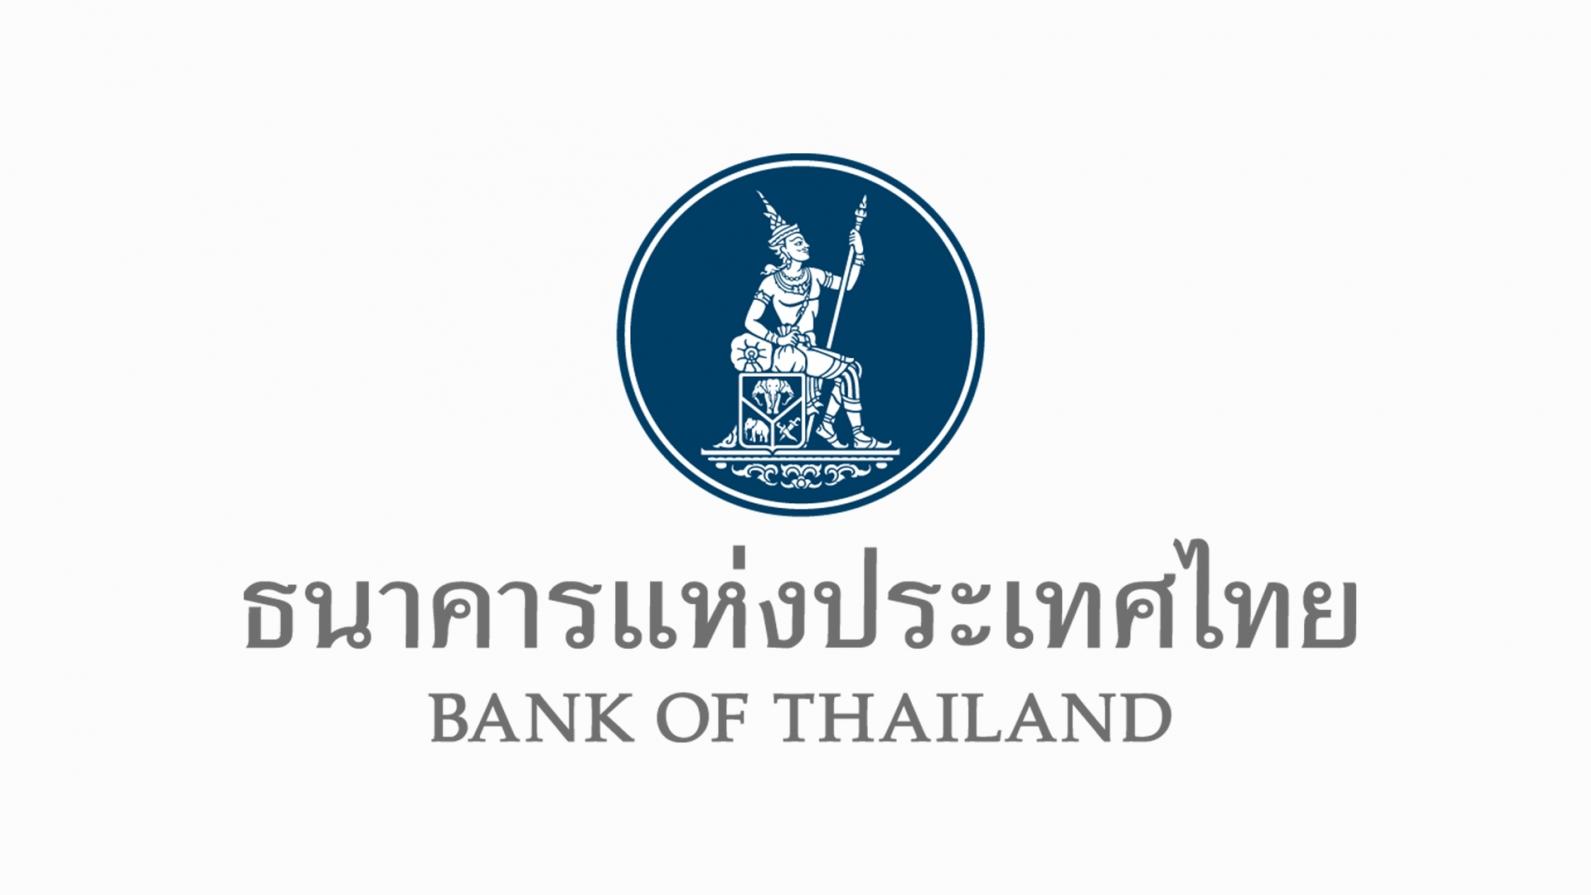 ขาดทุน 1 ล้านล้านบาท ธนาคารแห่งประเทศไทย